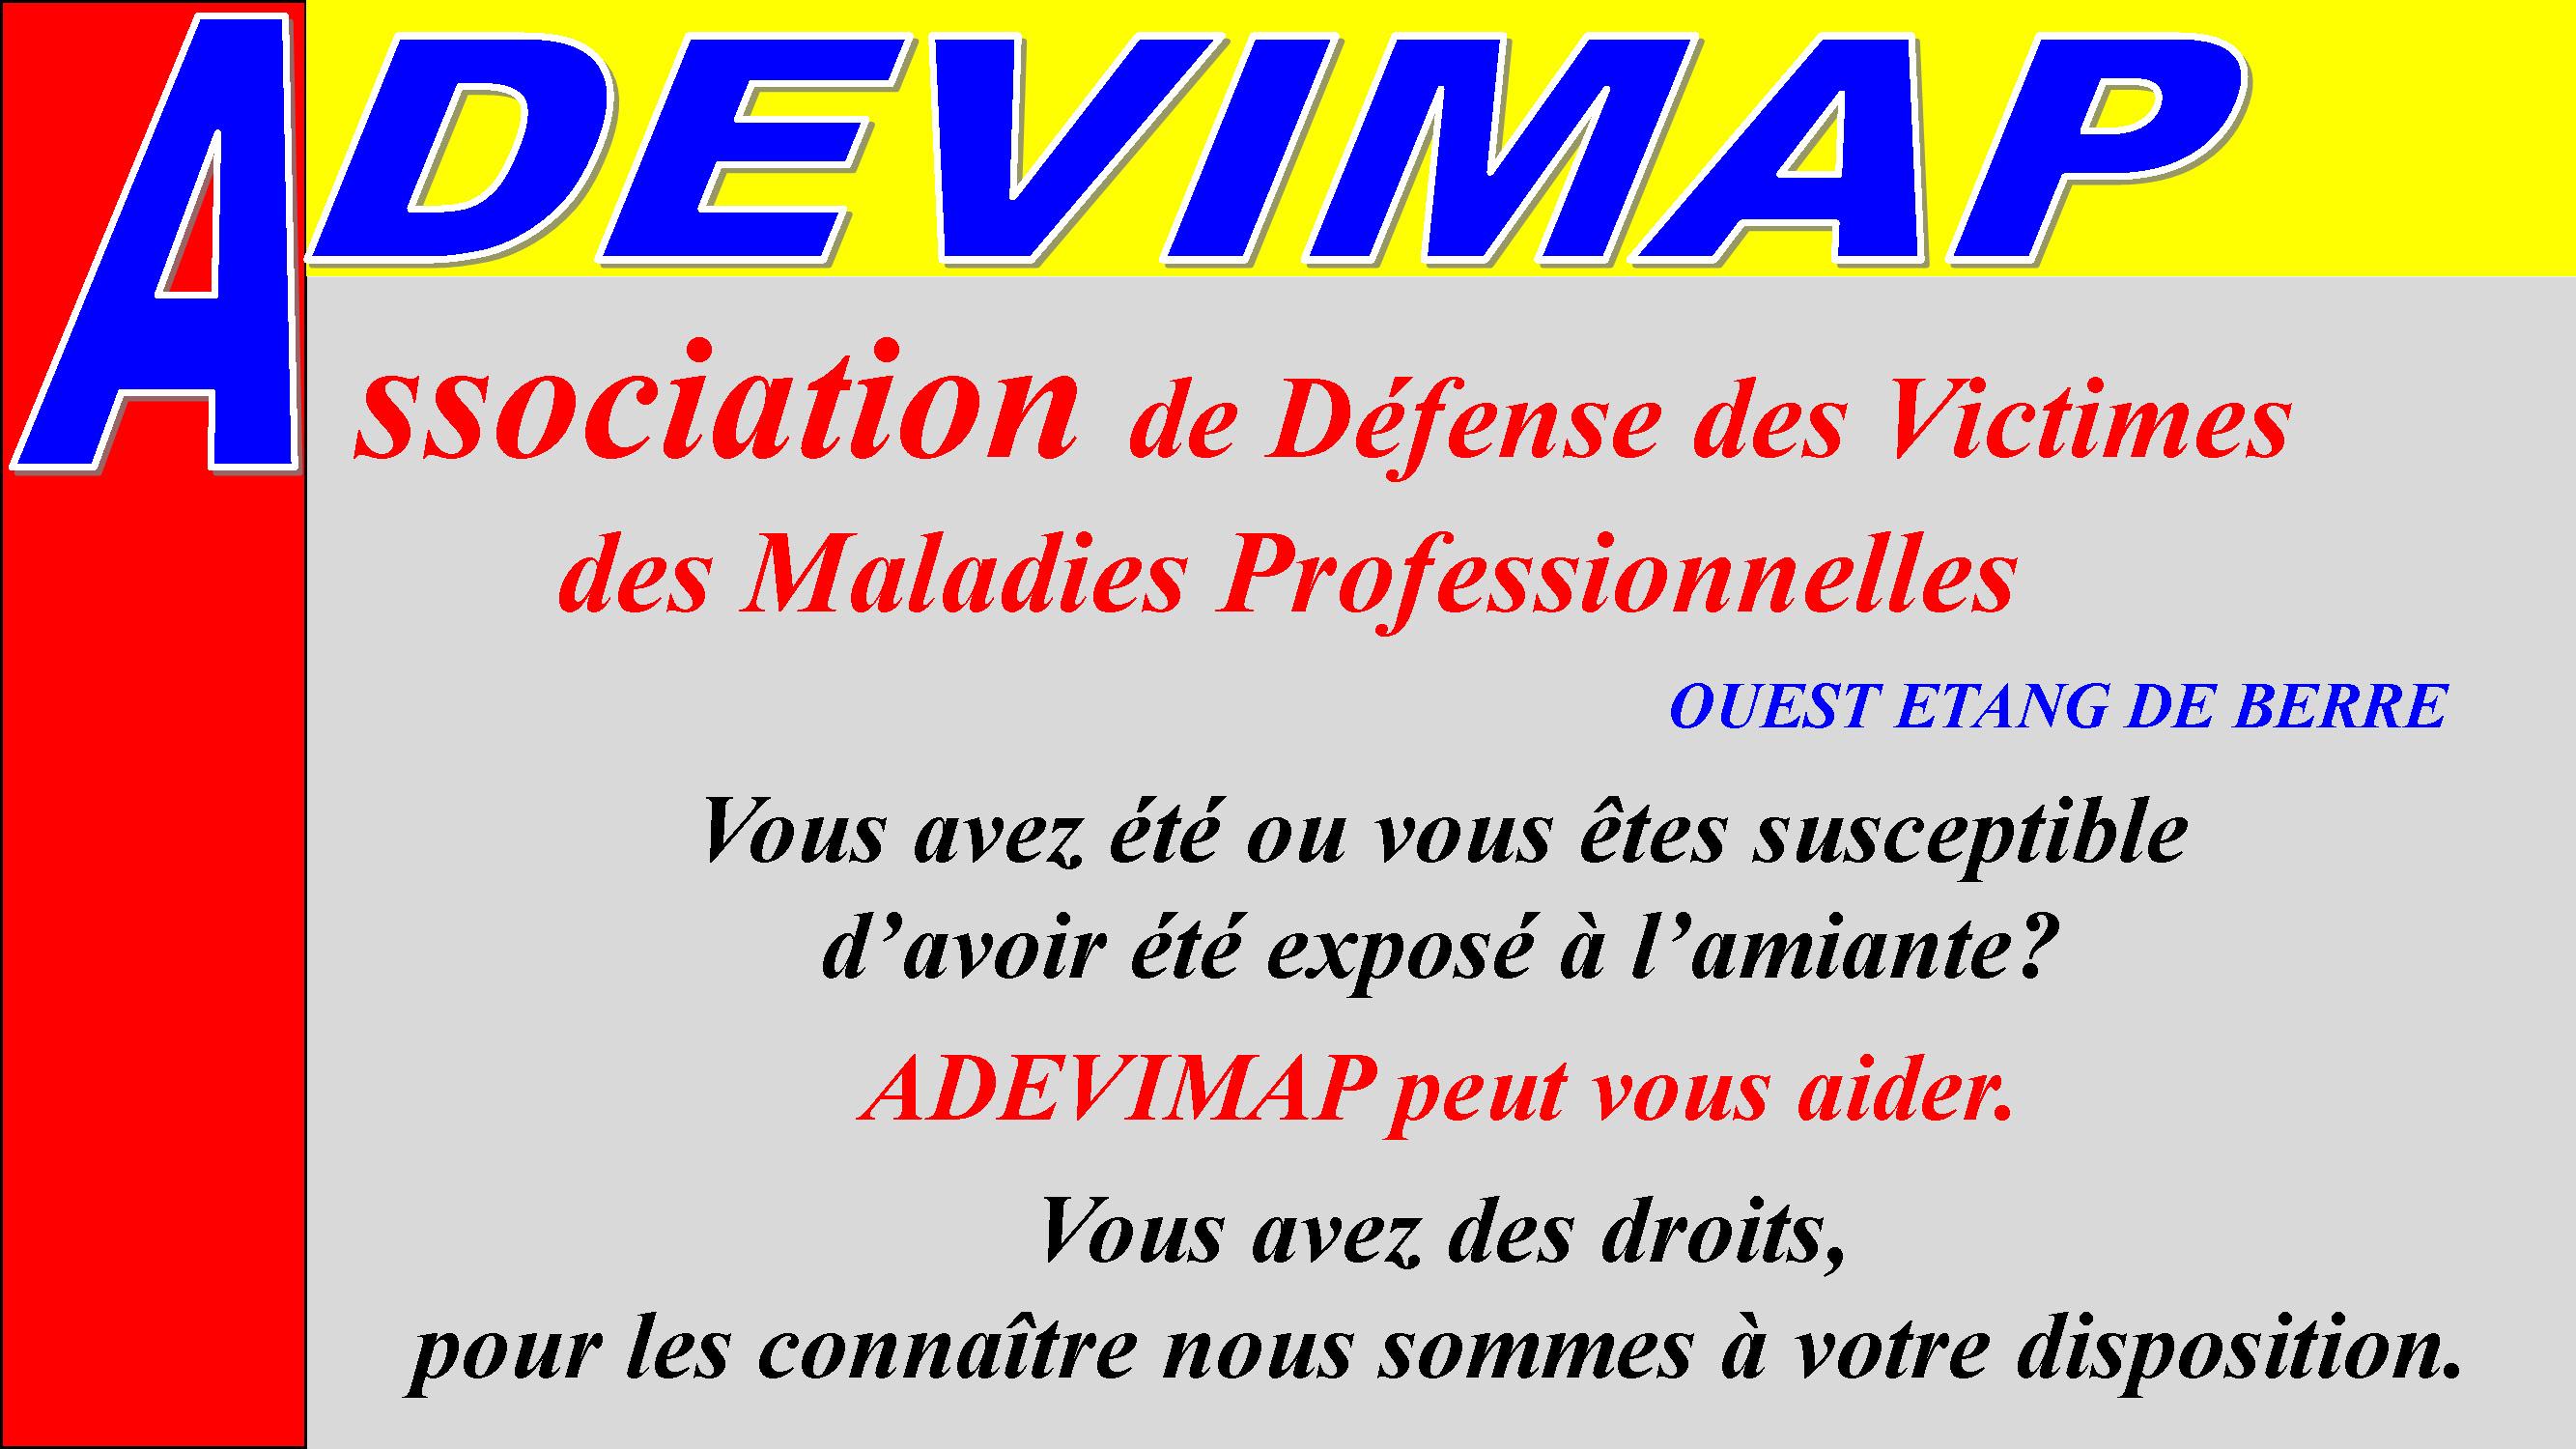 Présentation Adevimap défilement auto pour forum_Page_02